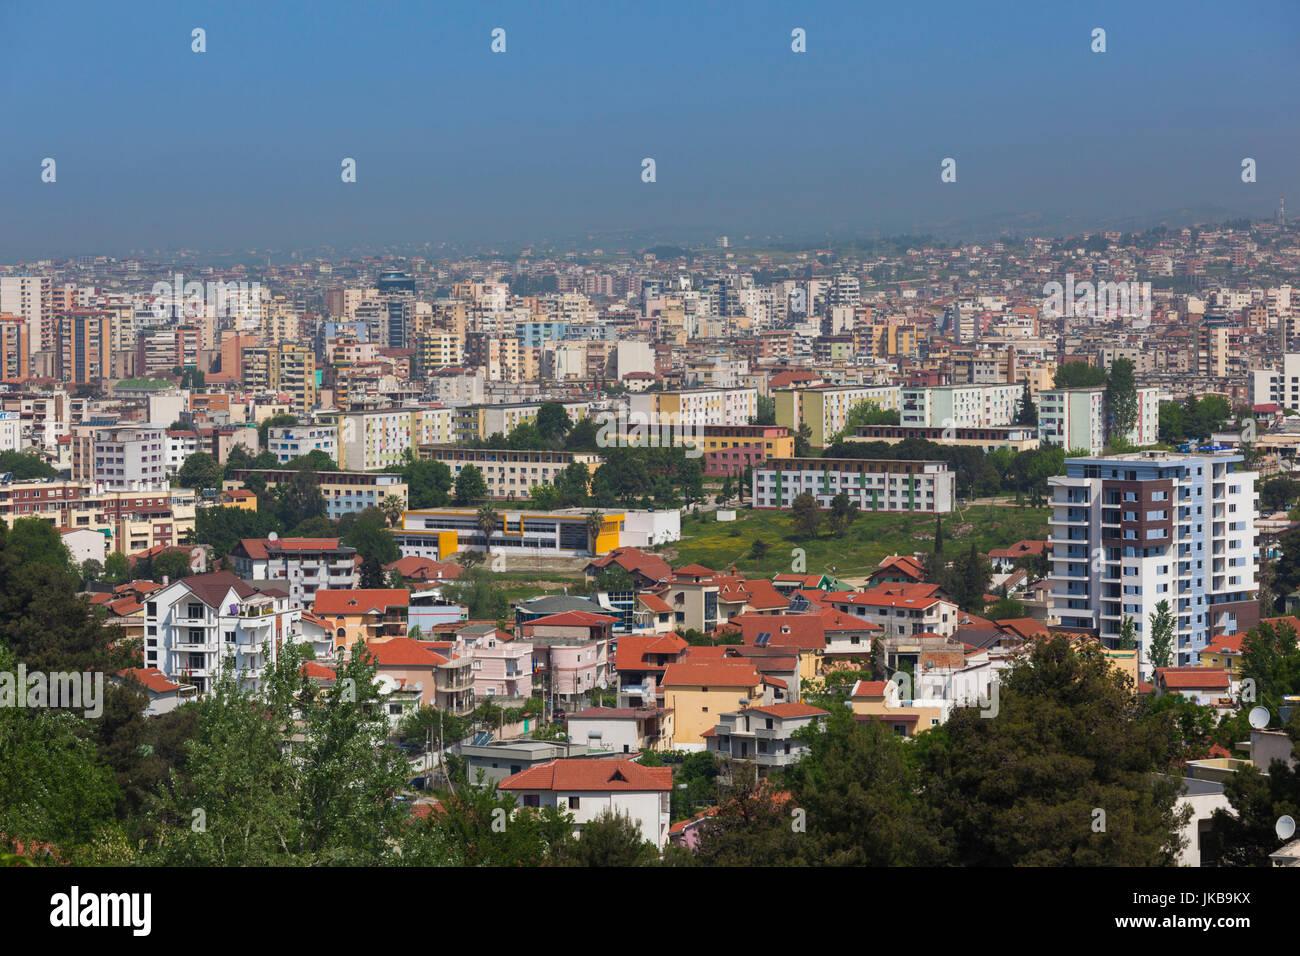 Albania, Tirana, elevated city view - Stock Image